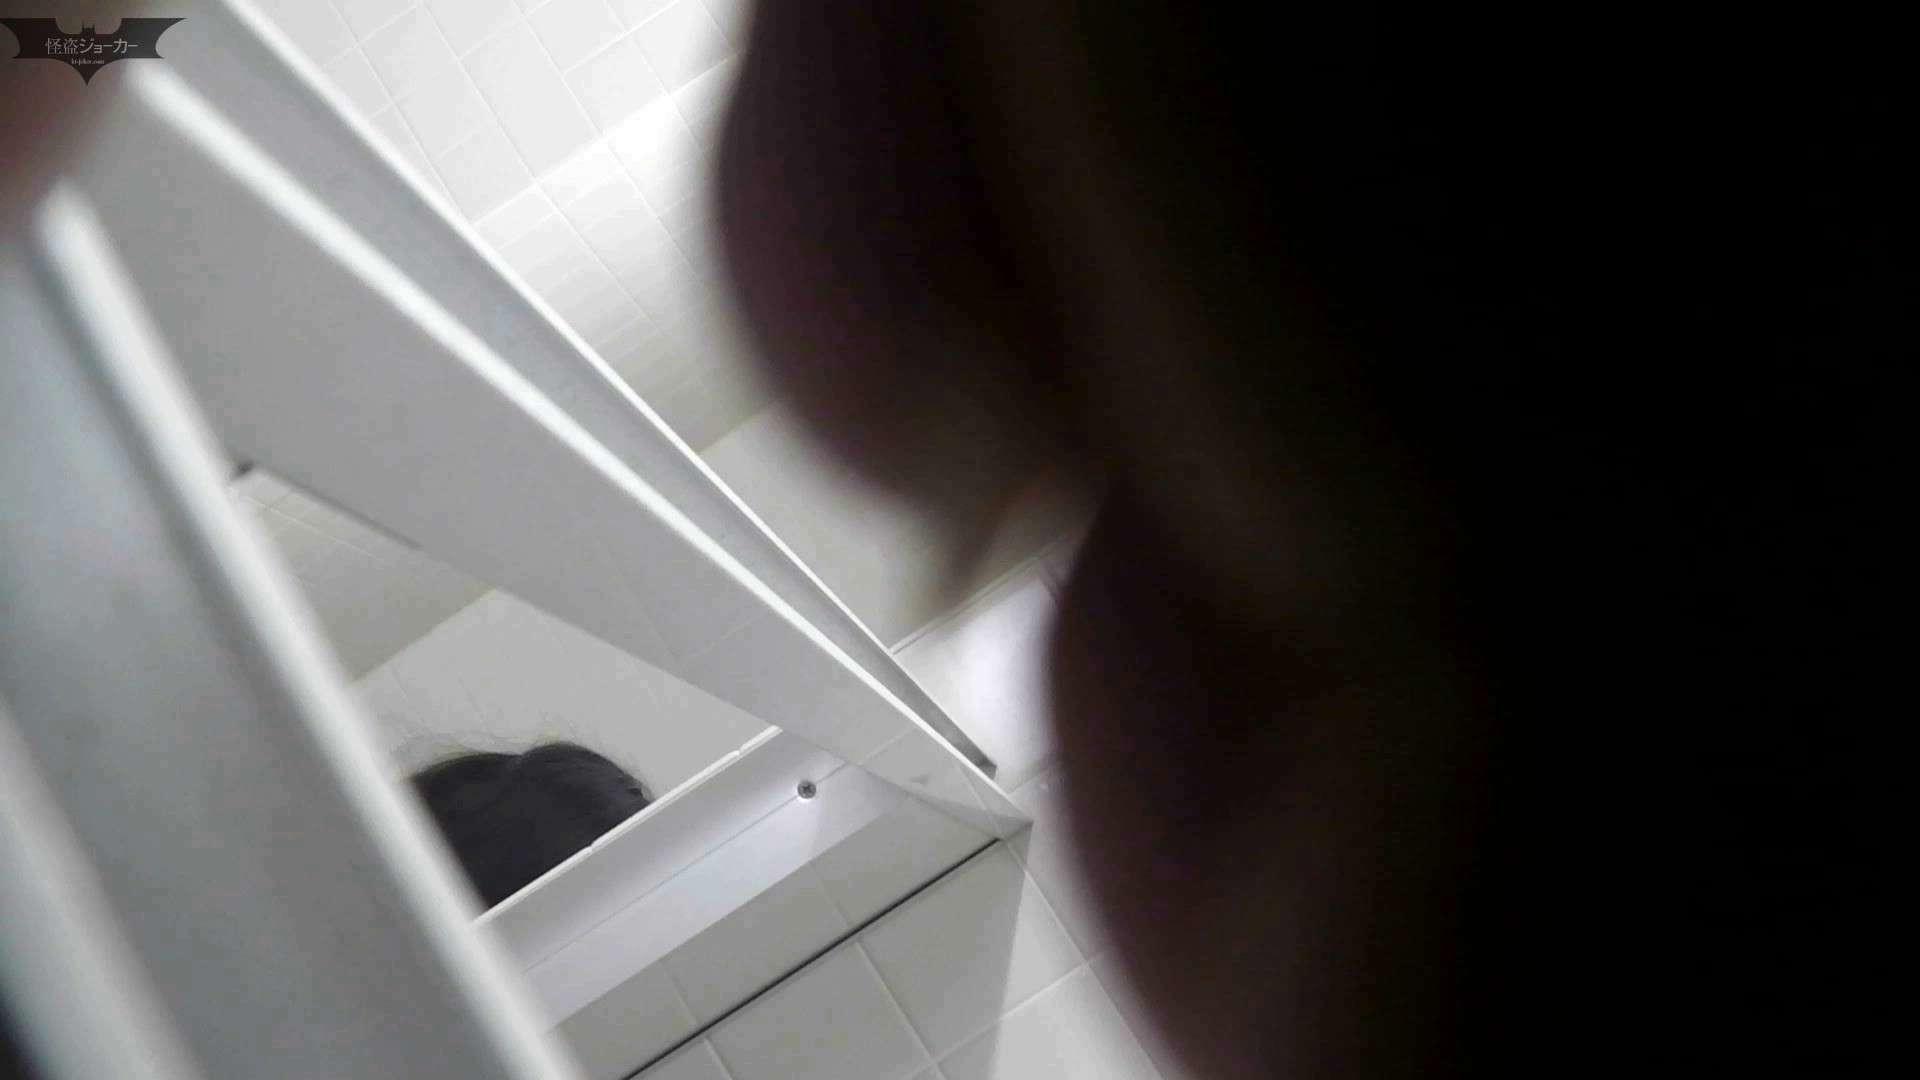 お銀さんの「洗面所突入レポート!!」 vol.53 冬到来!美女も到来! 美女達のヌード   洗面所着替え  91連発 22